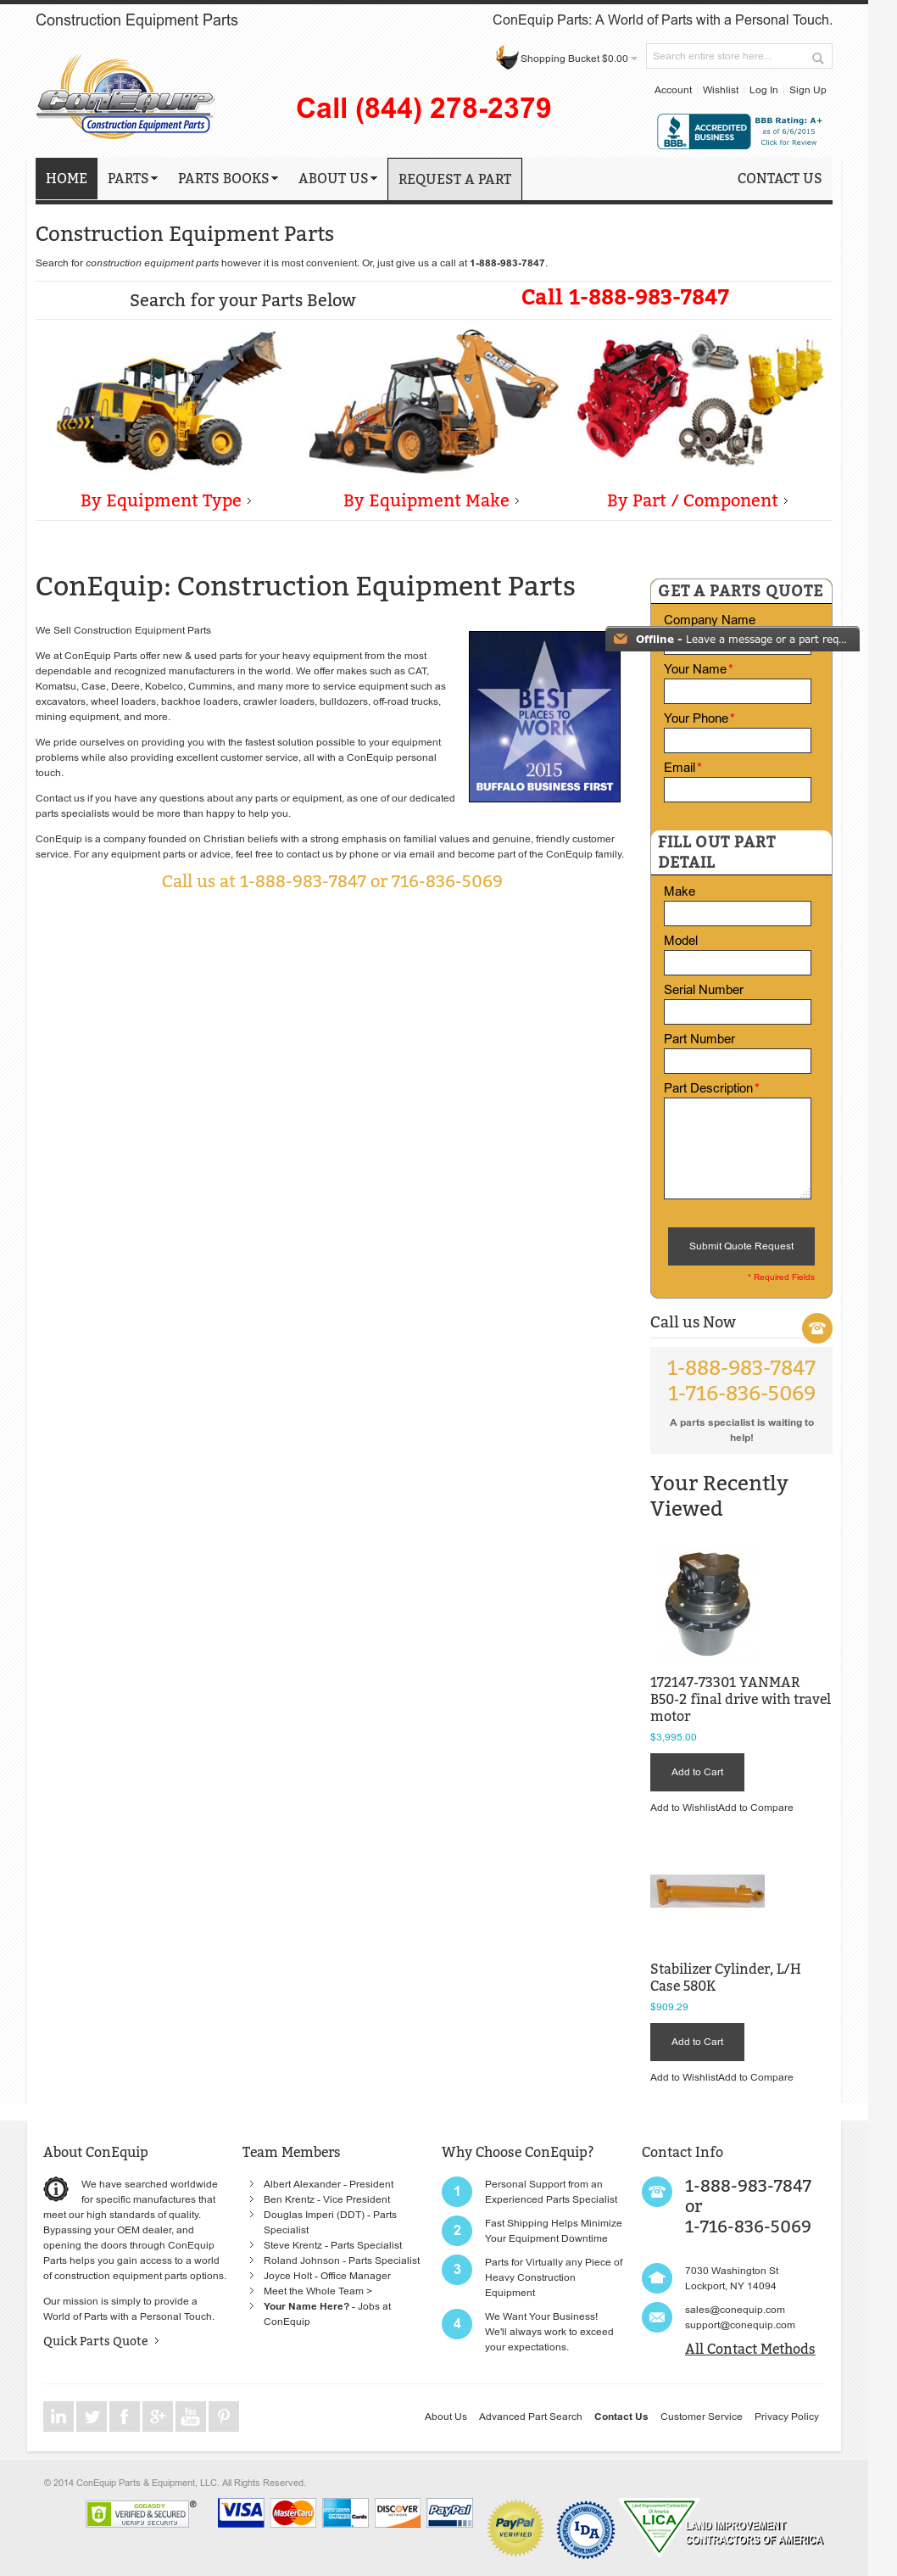 Owler Reports - Conequip Parts & Equipment: ConEquip moves to